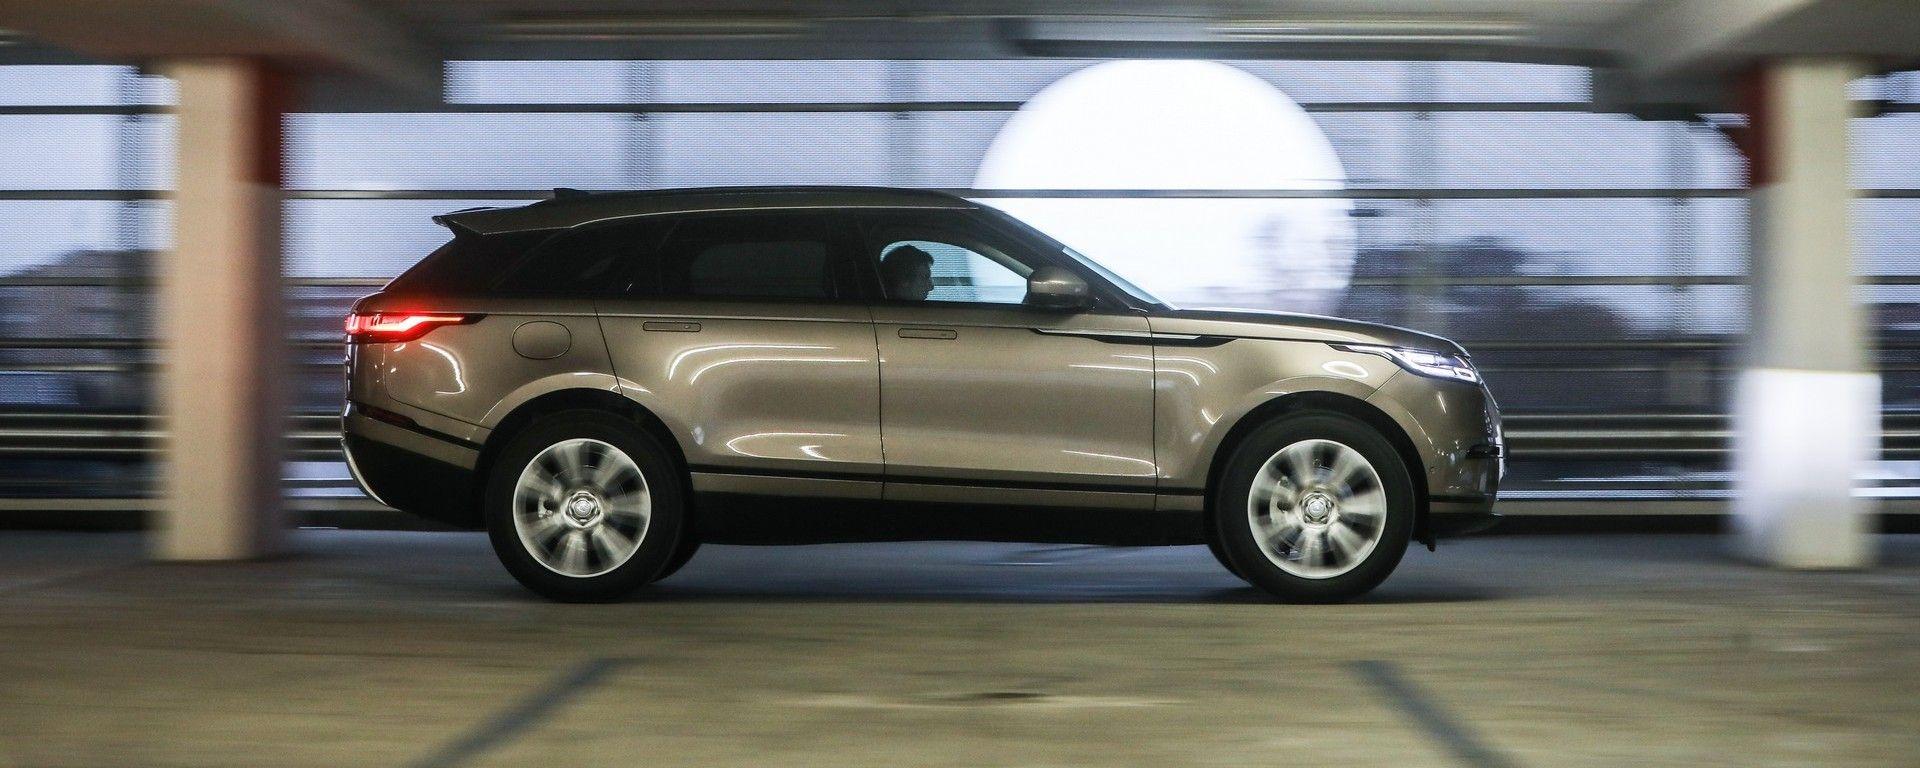 Nuova Range Rover Velar | Le vostre domande